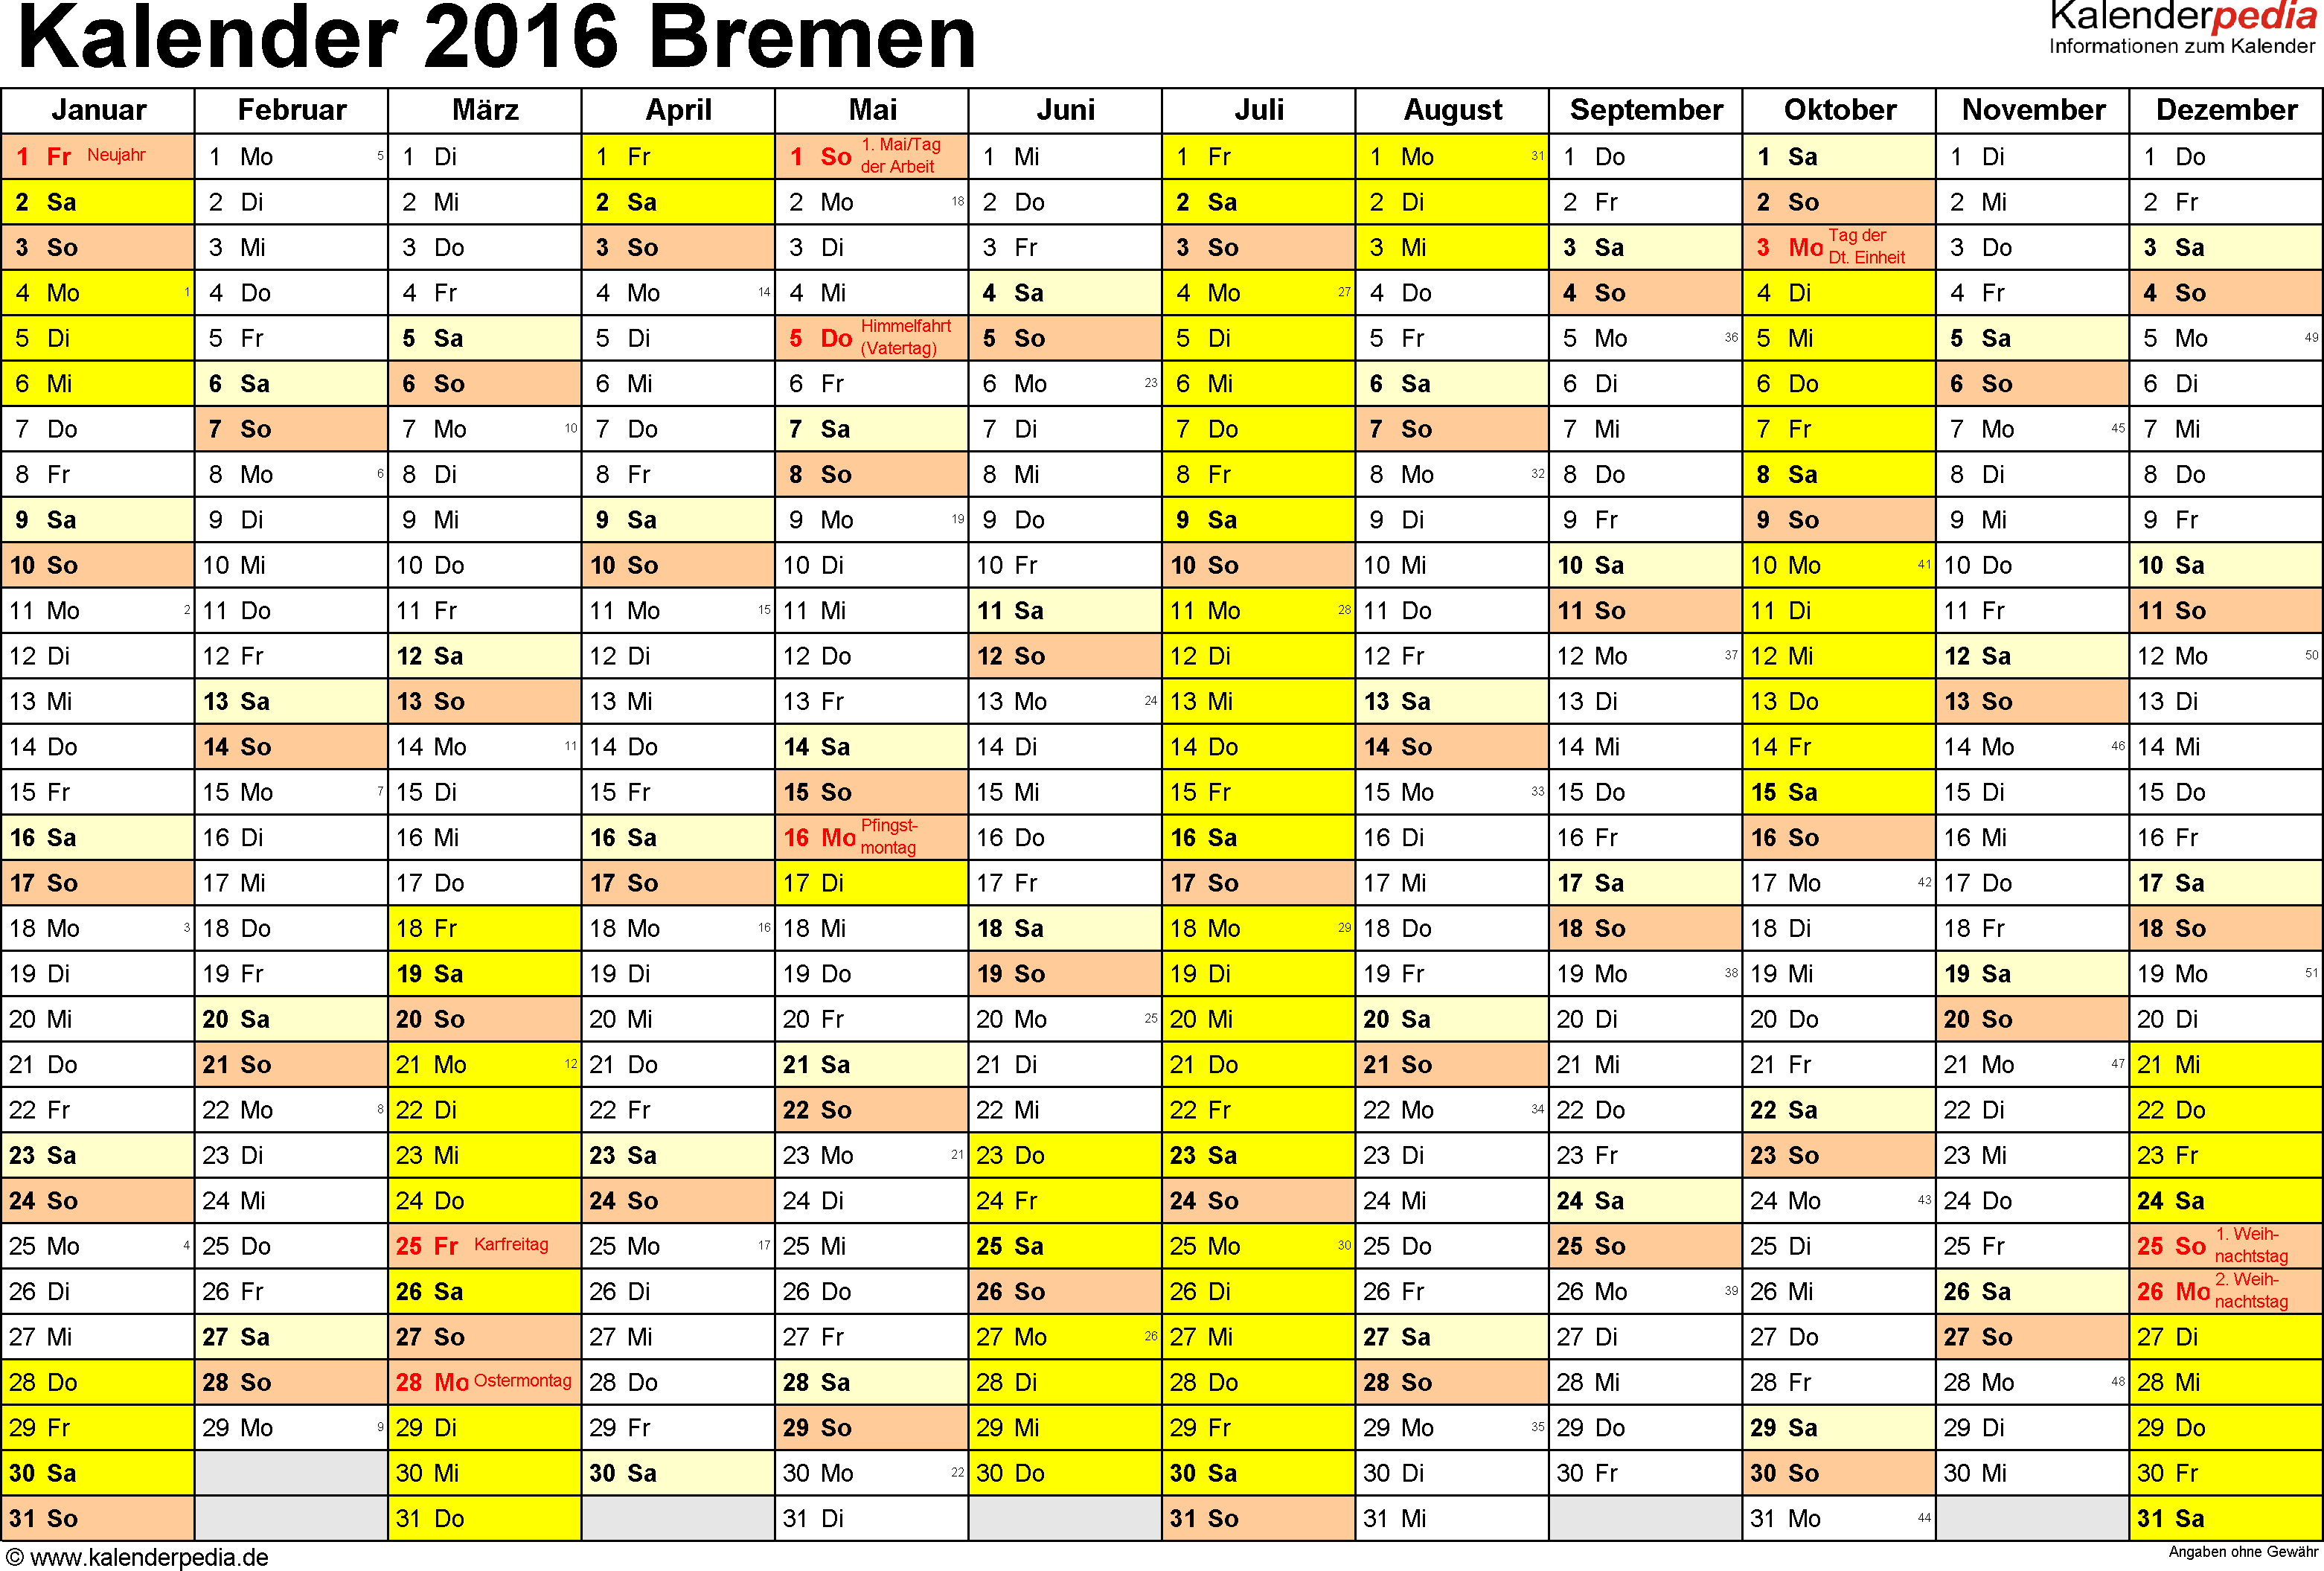 Vorlage 1: Kalender 2016 für Bremen als Word-Vorlage (Querformat, 1 Seite)